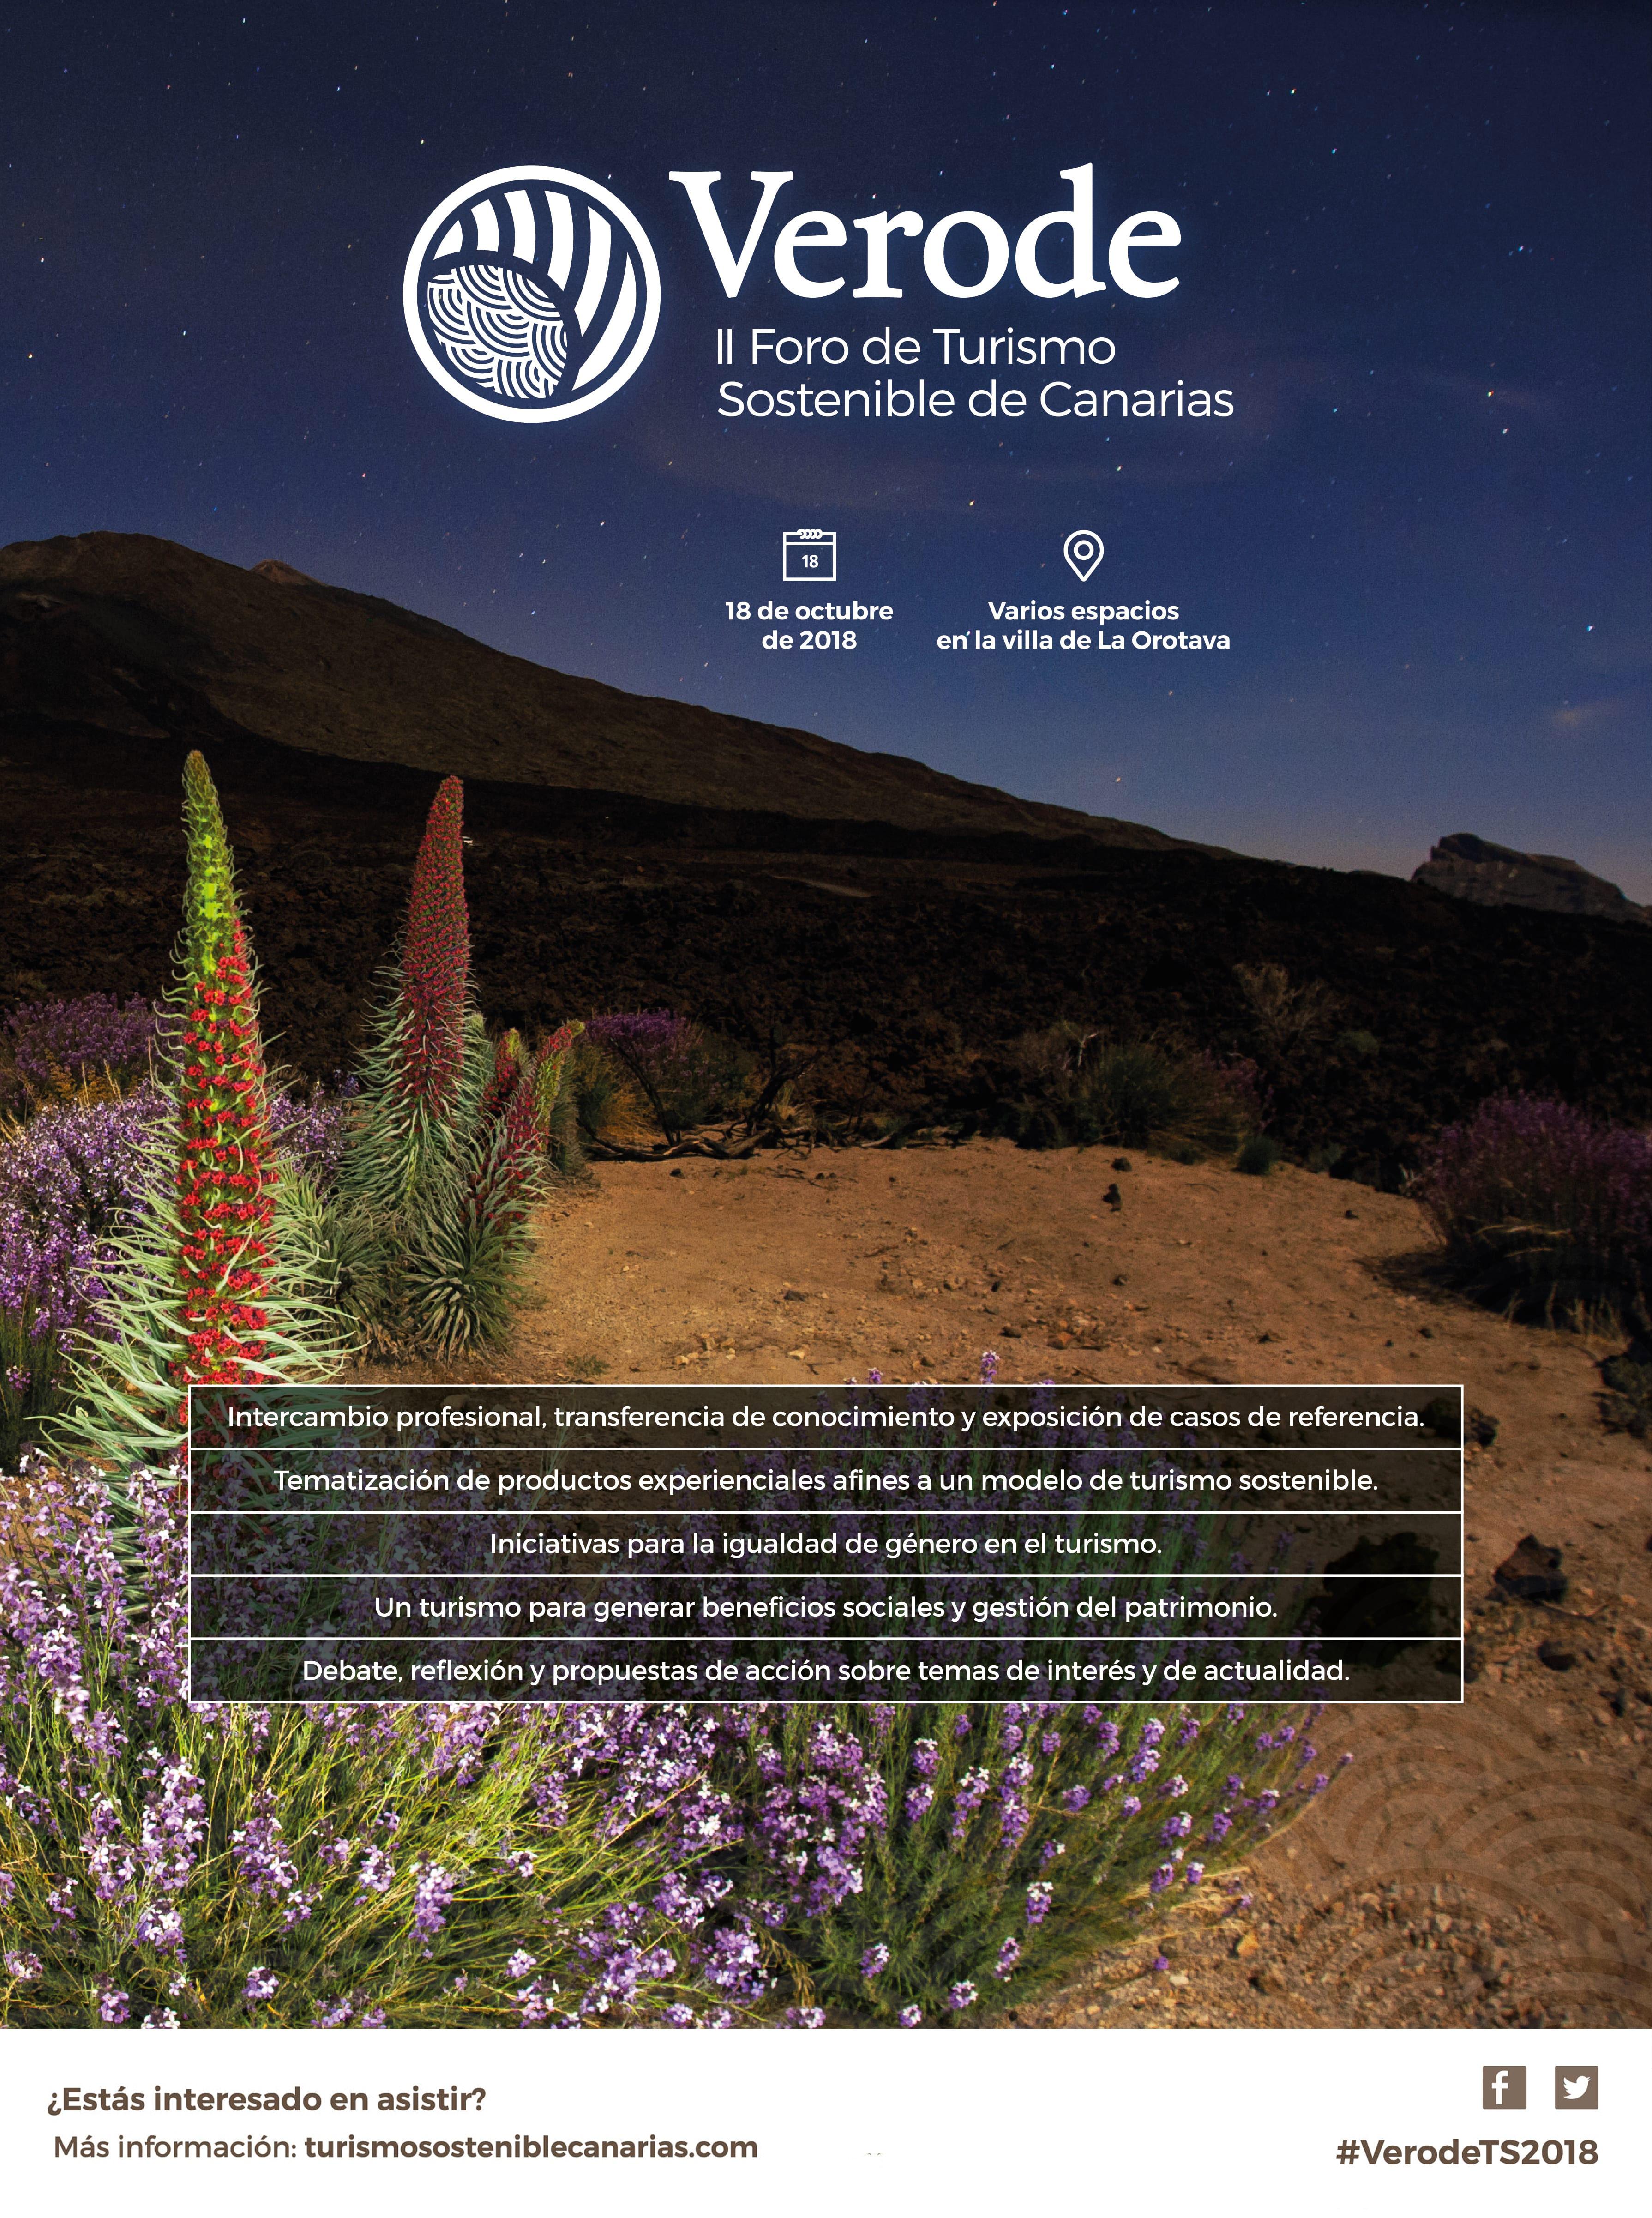 Verode - II Foro de Turismo Sostenible de Canarias